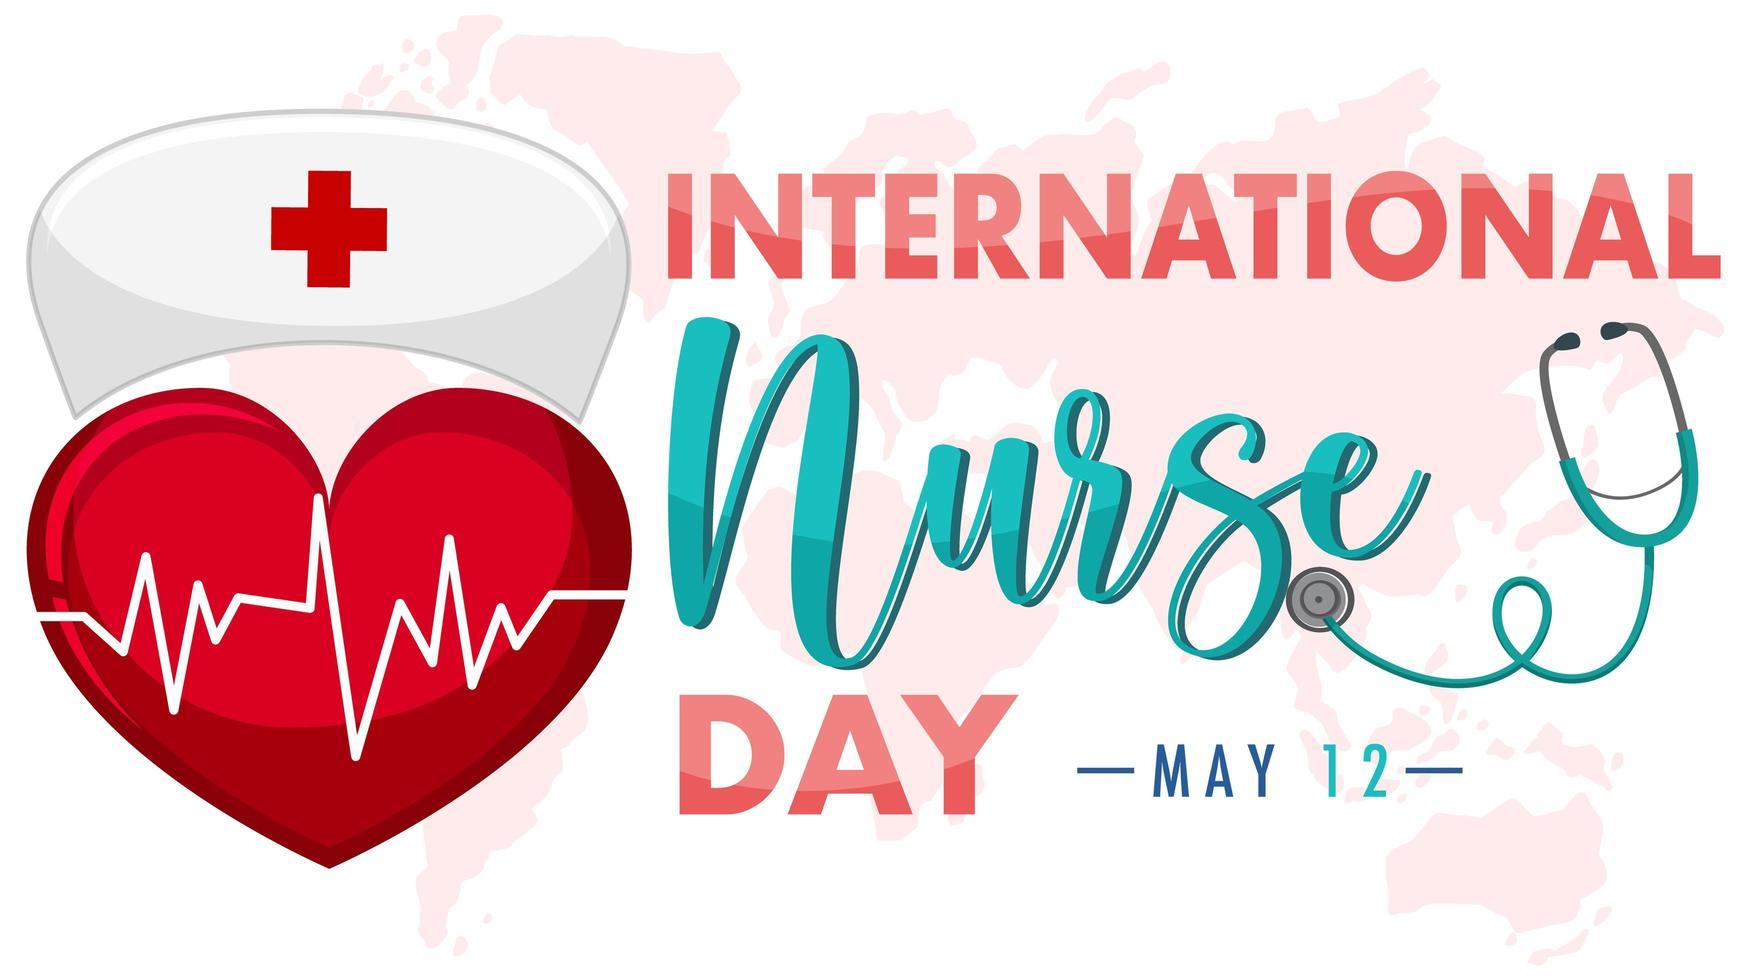 banner del día internacional de la enfermera vector